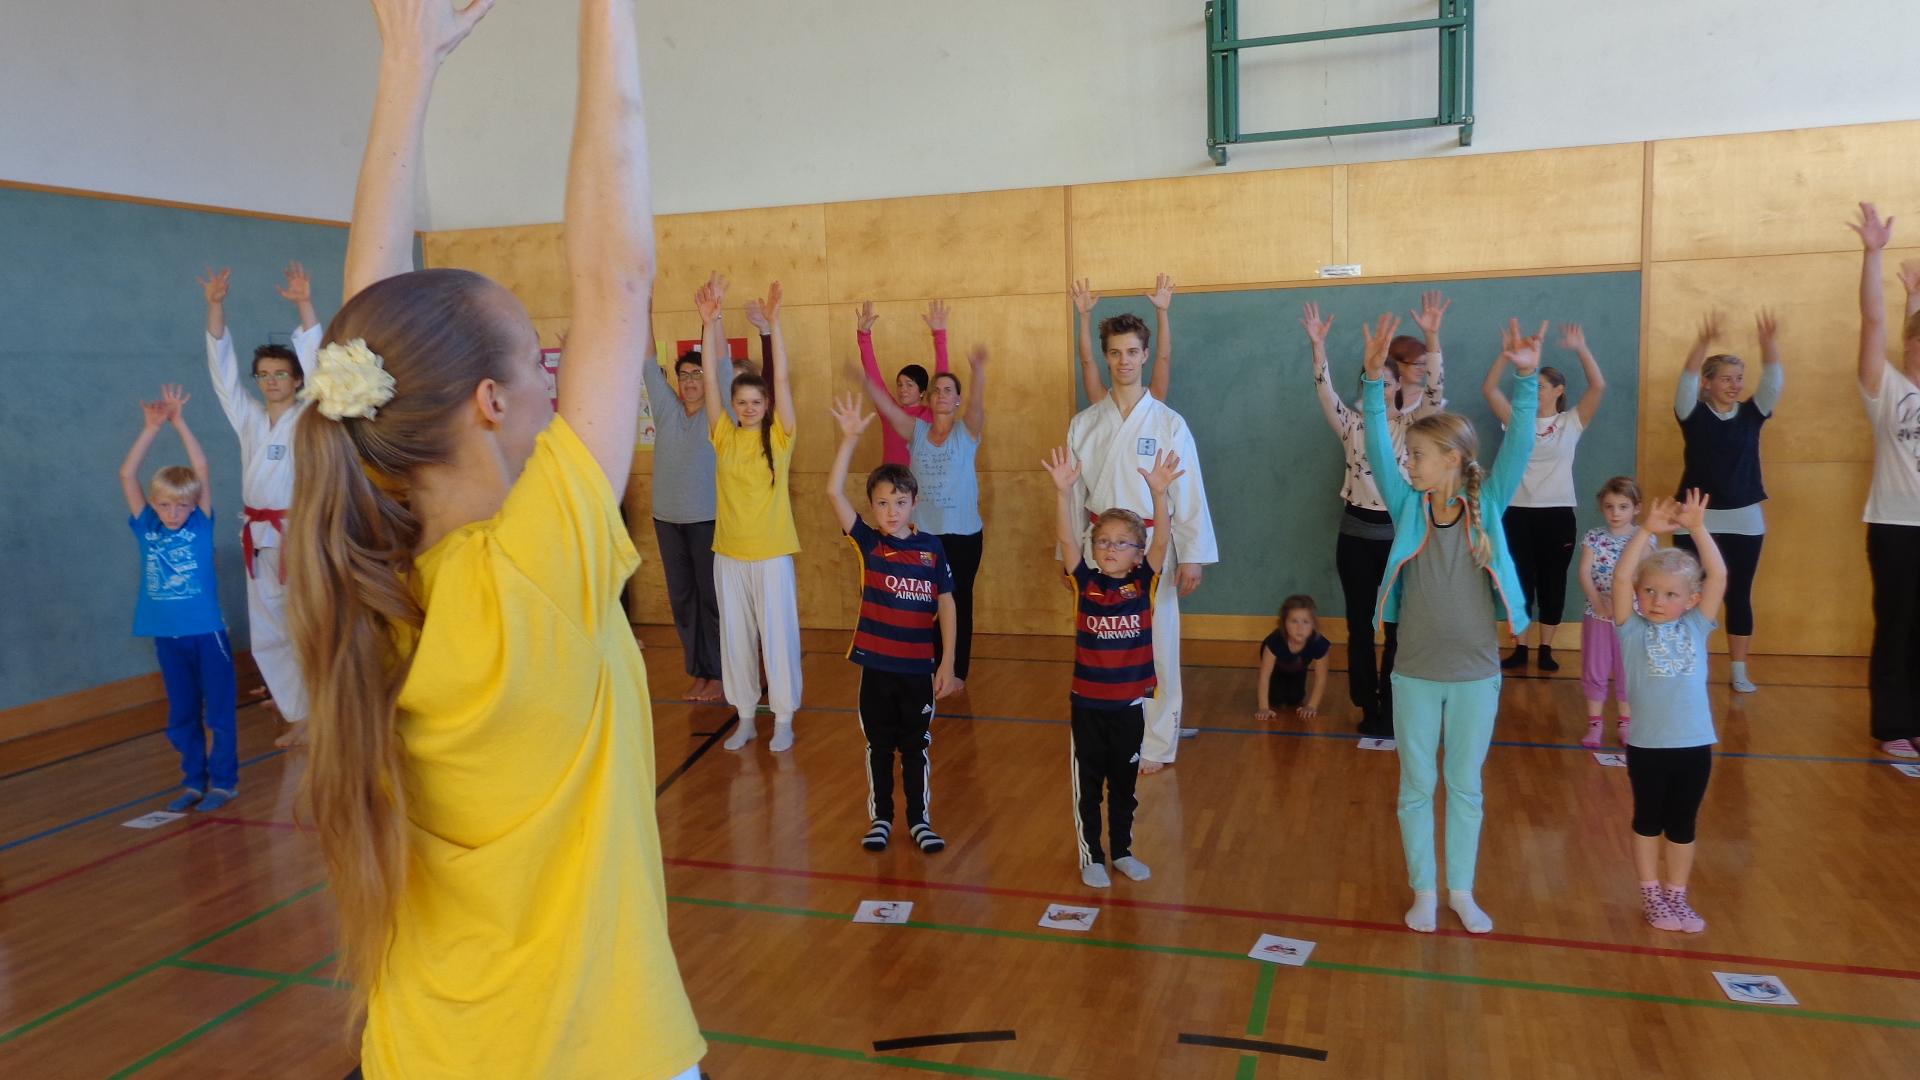 Foto: Kinderyoga Schulprojekt mit Sibylle Schöppel und Taekwon-Do